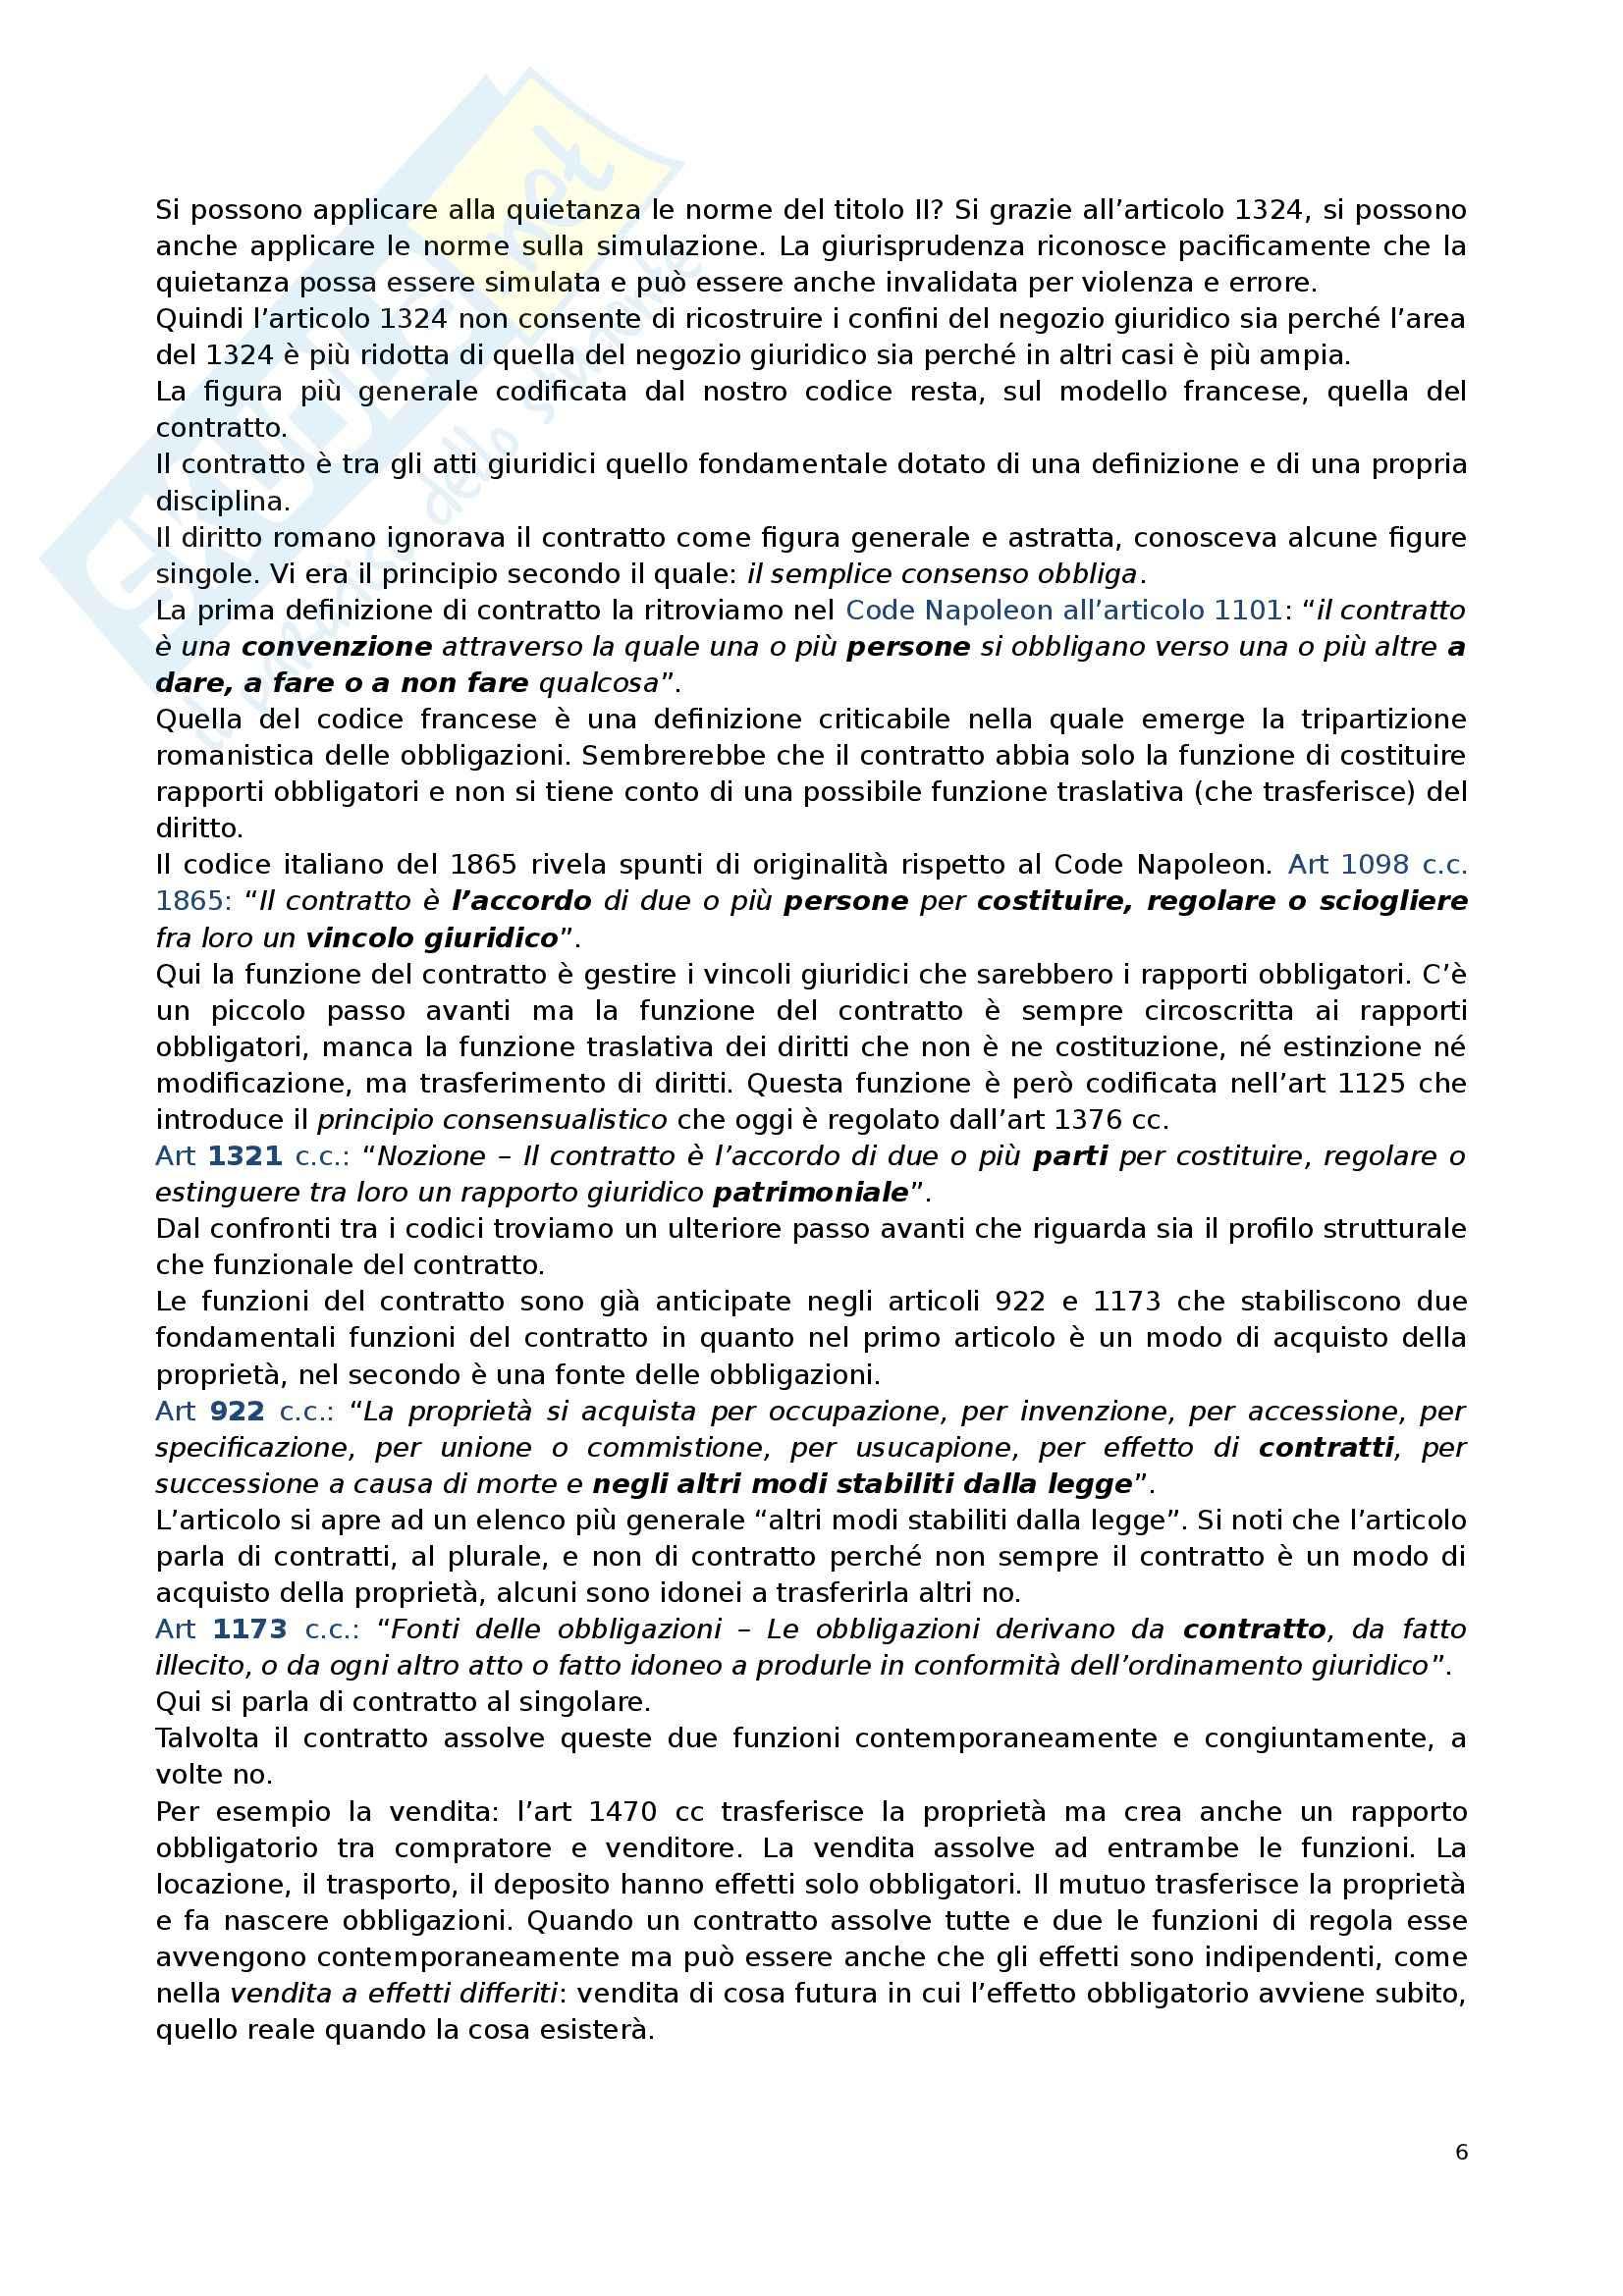 Diritto privato 2 - Appunti Pag. 6